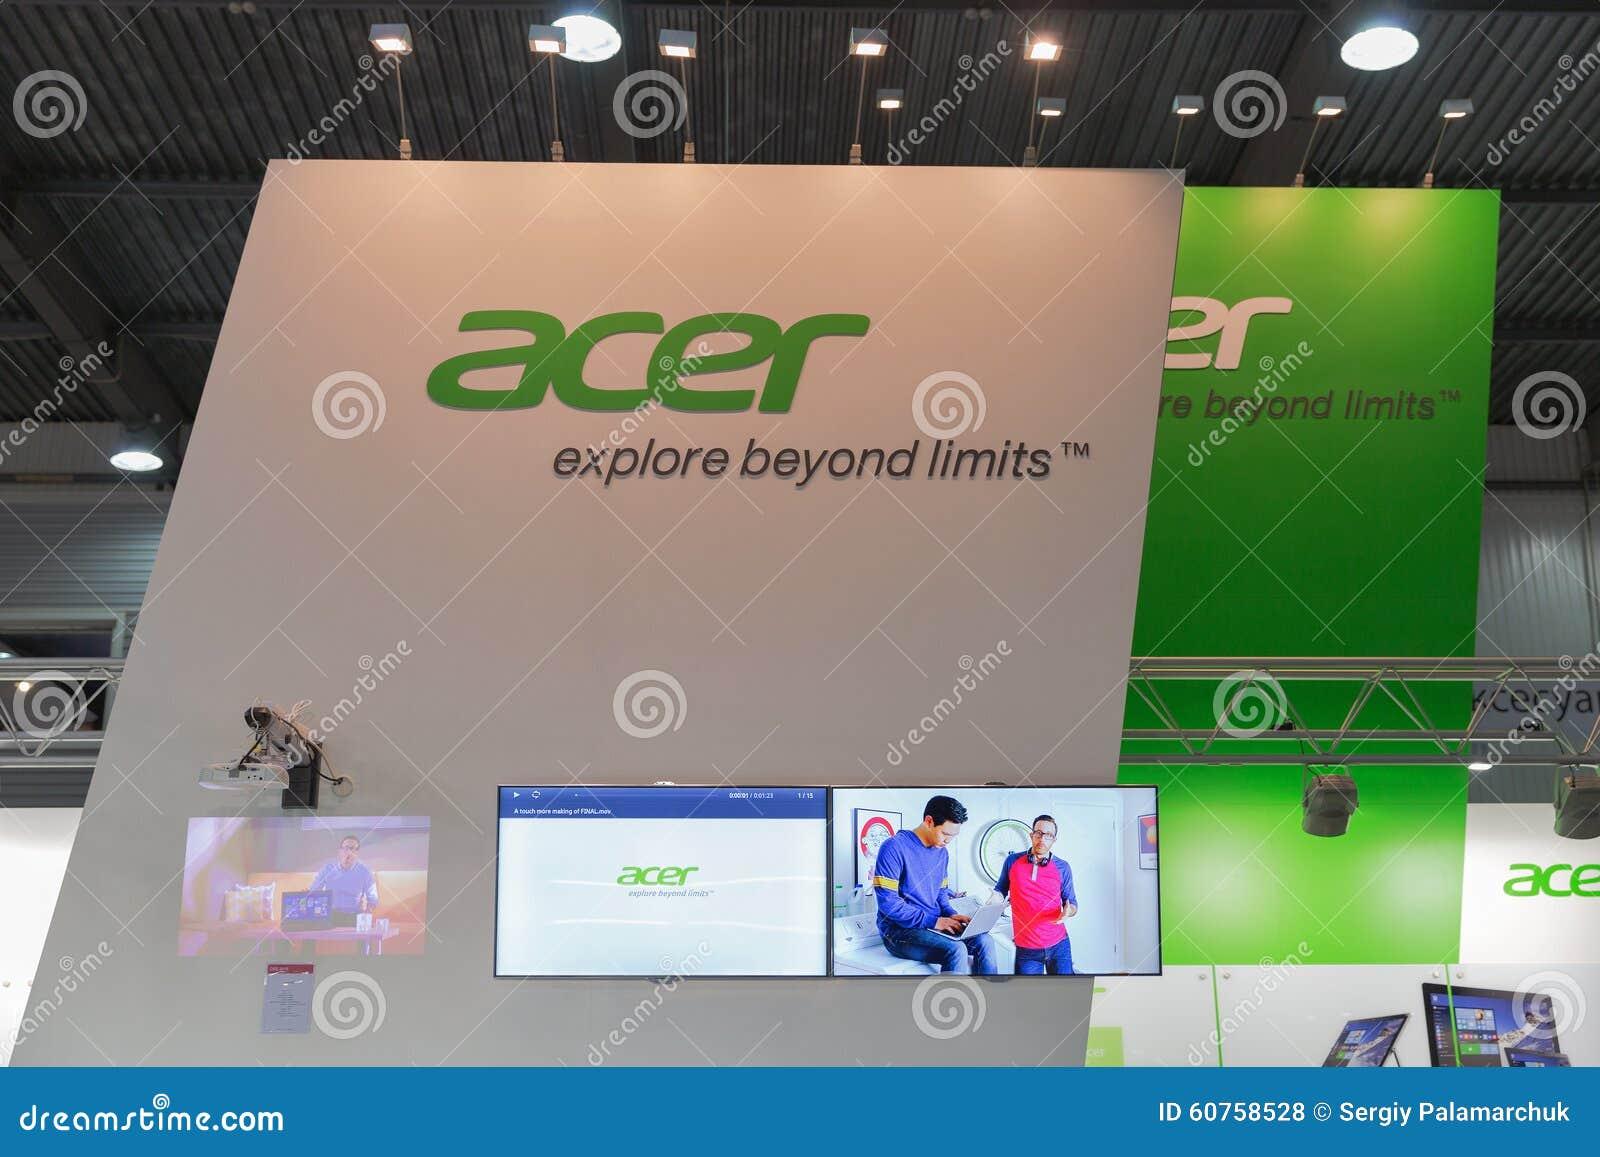 acer company